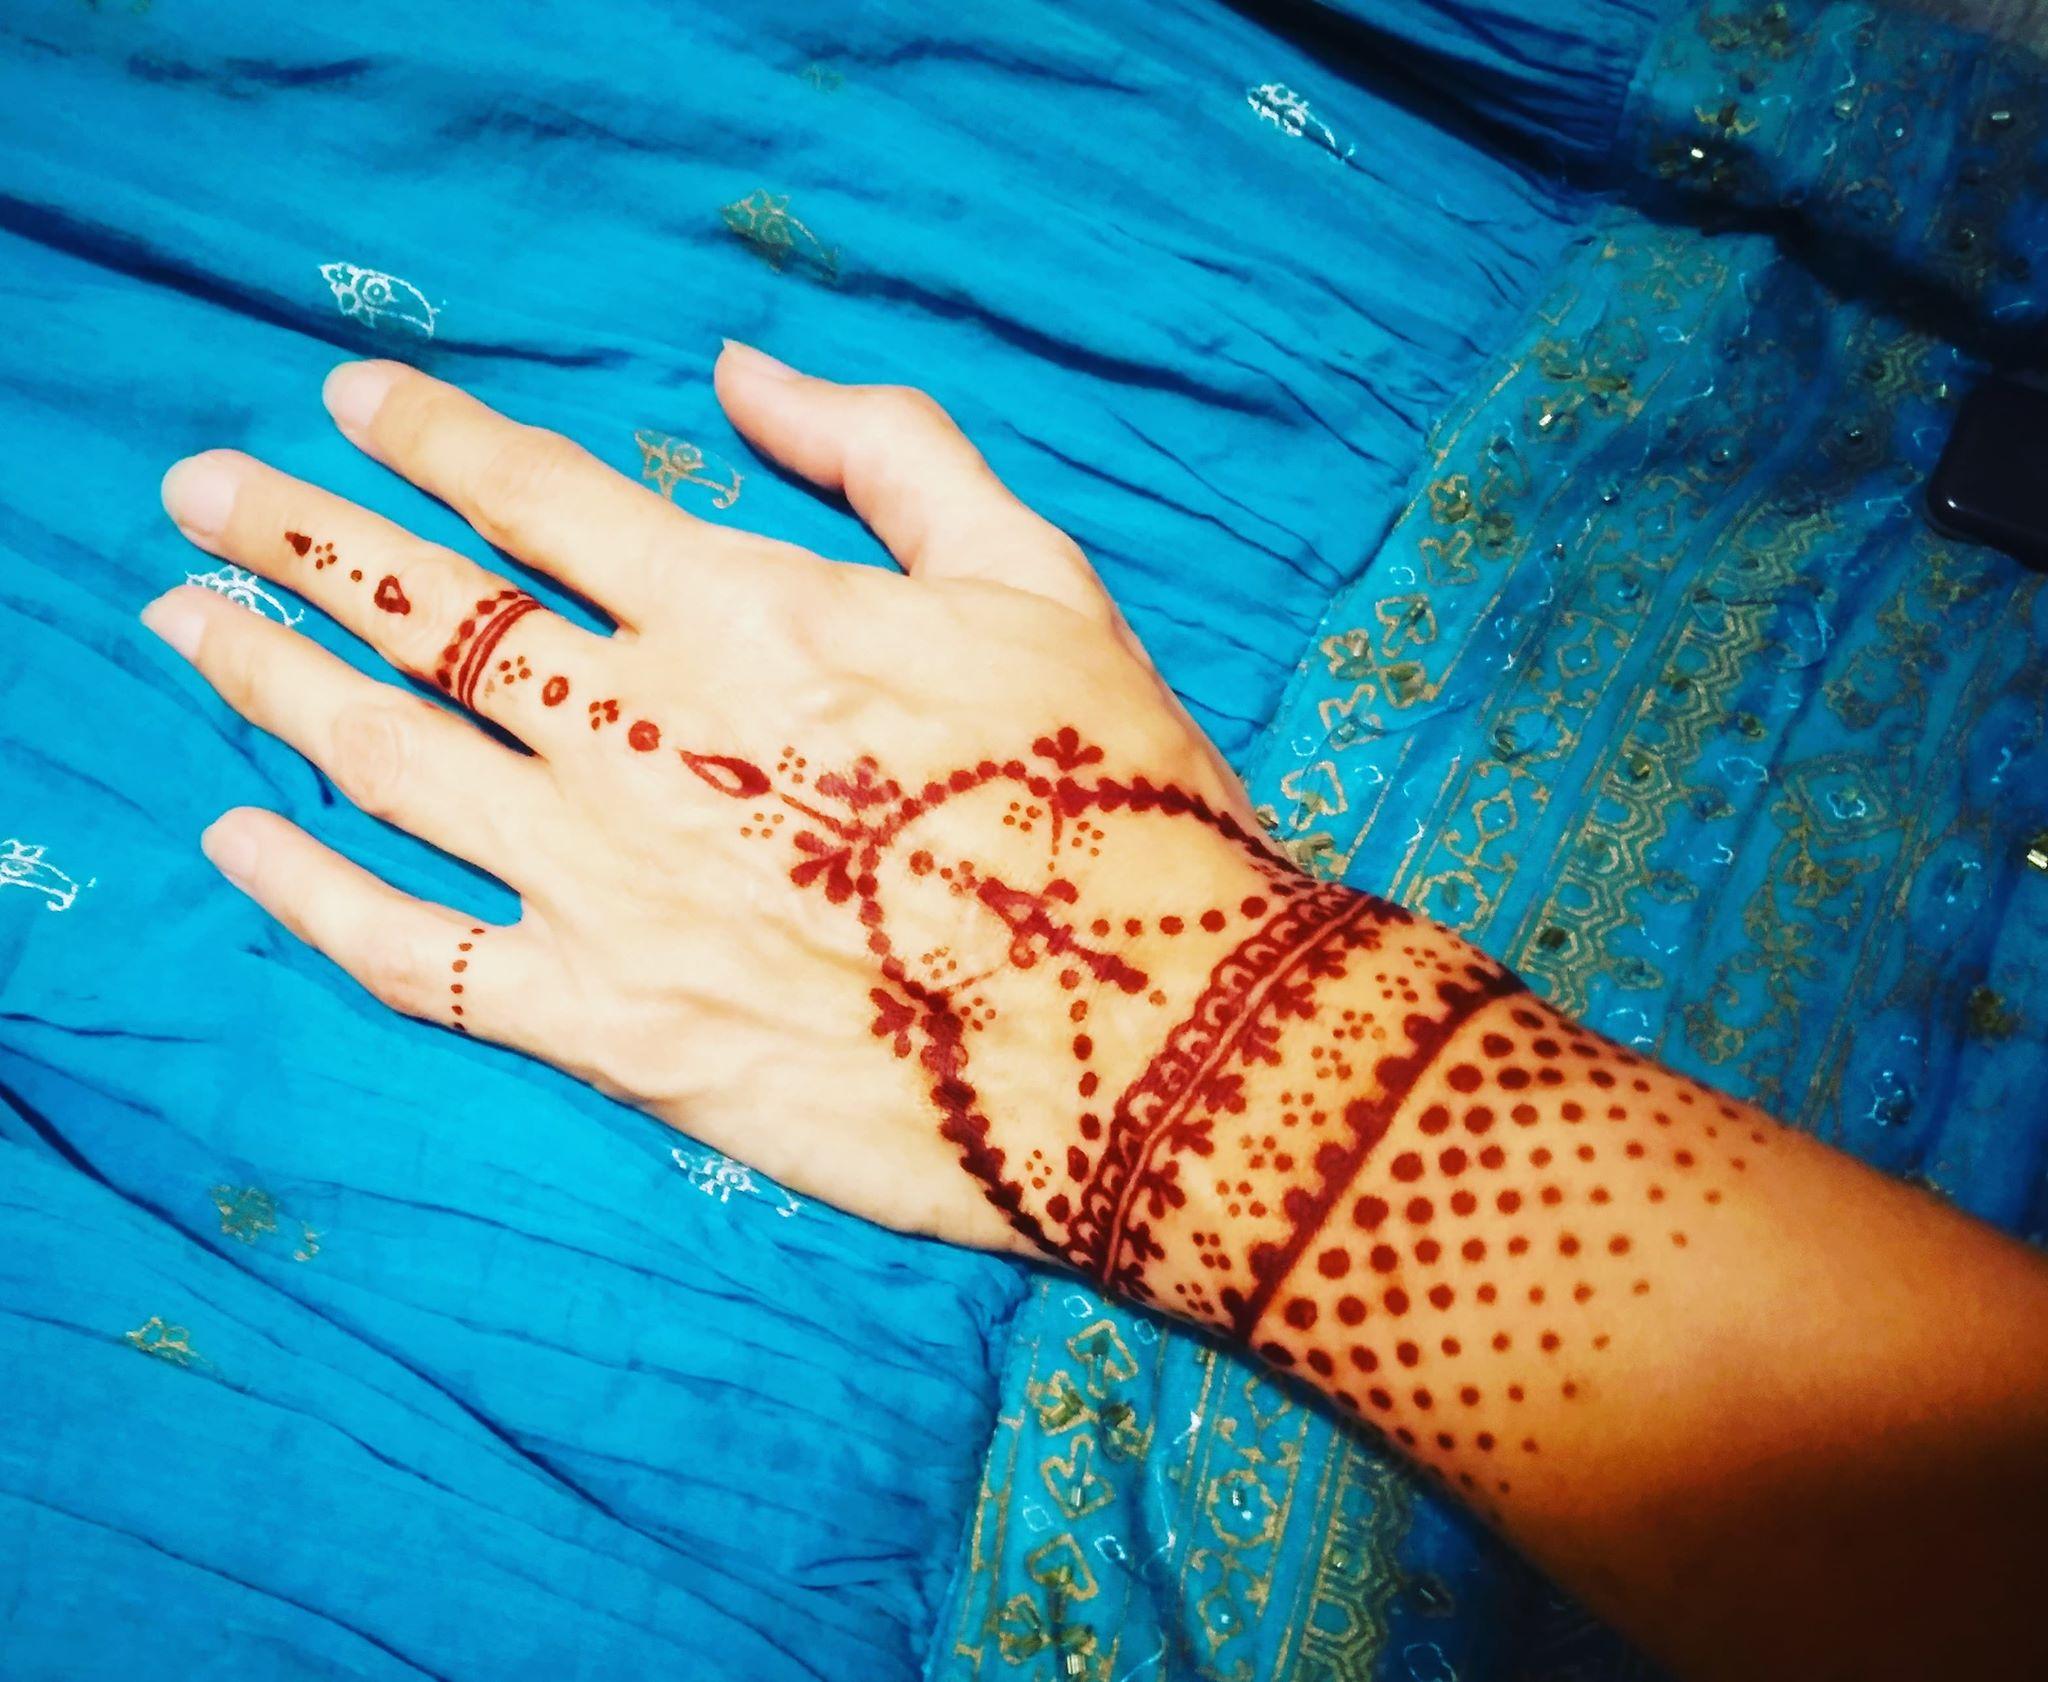 Malování hennou na tělo - tetování hennou